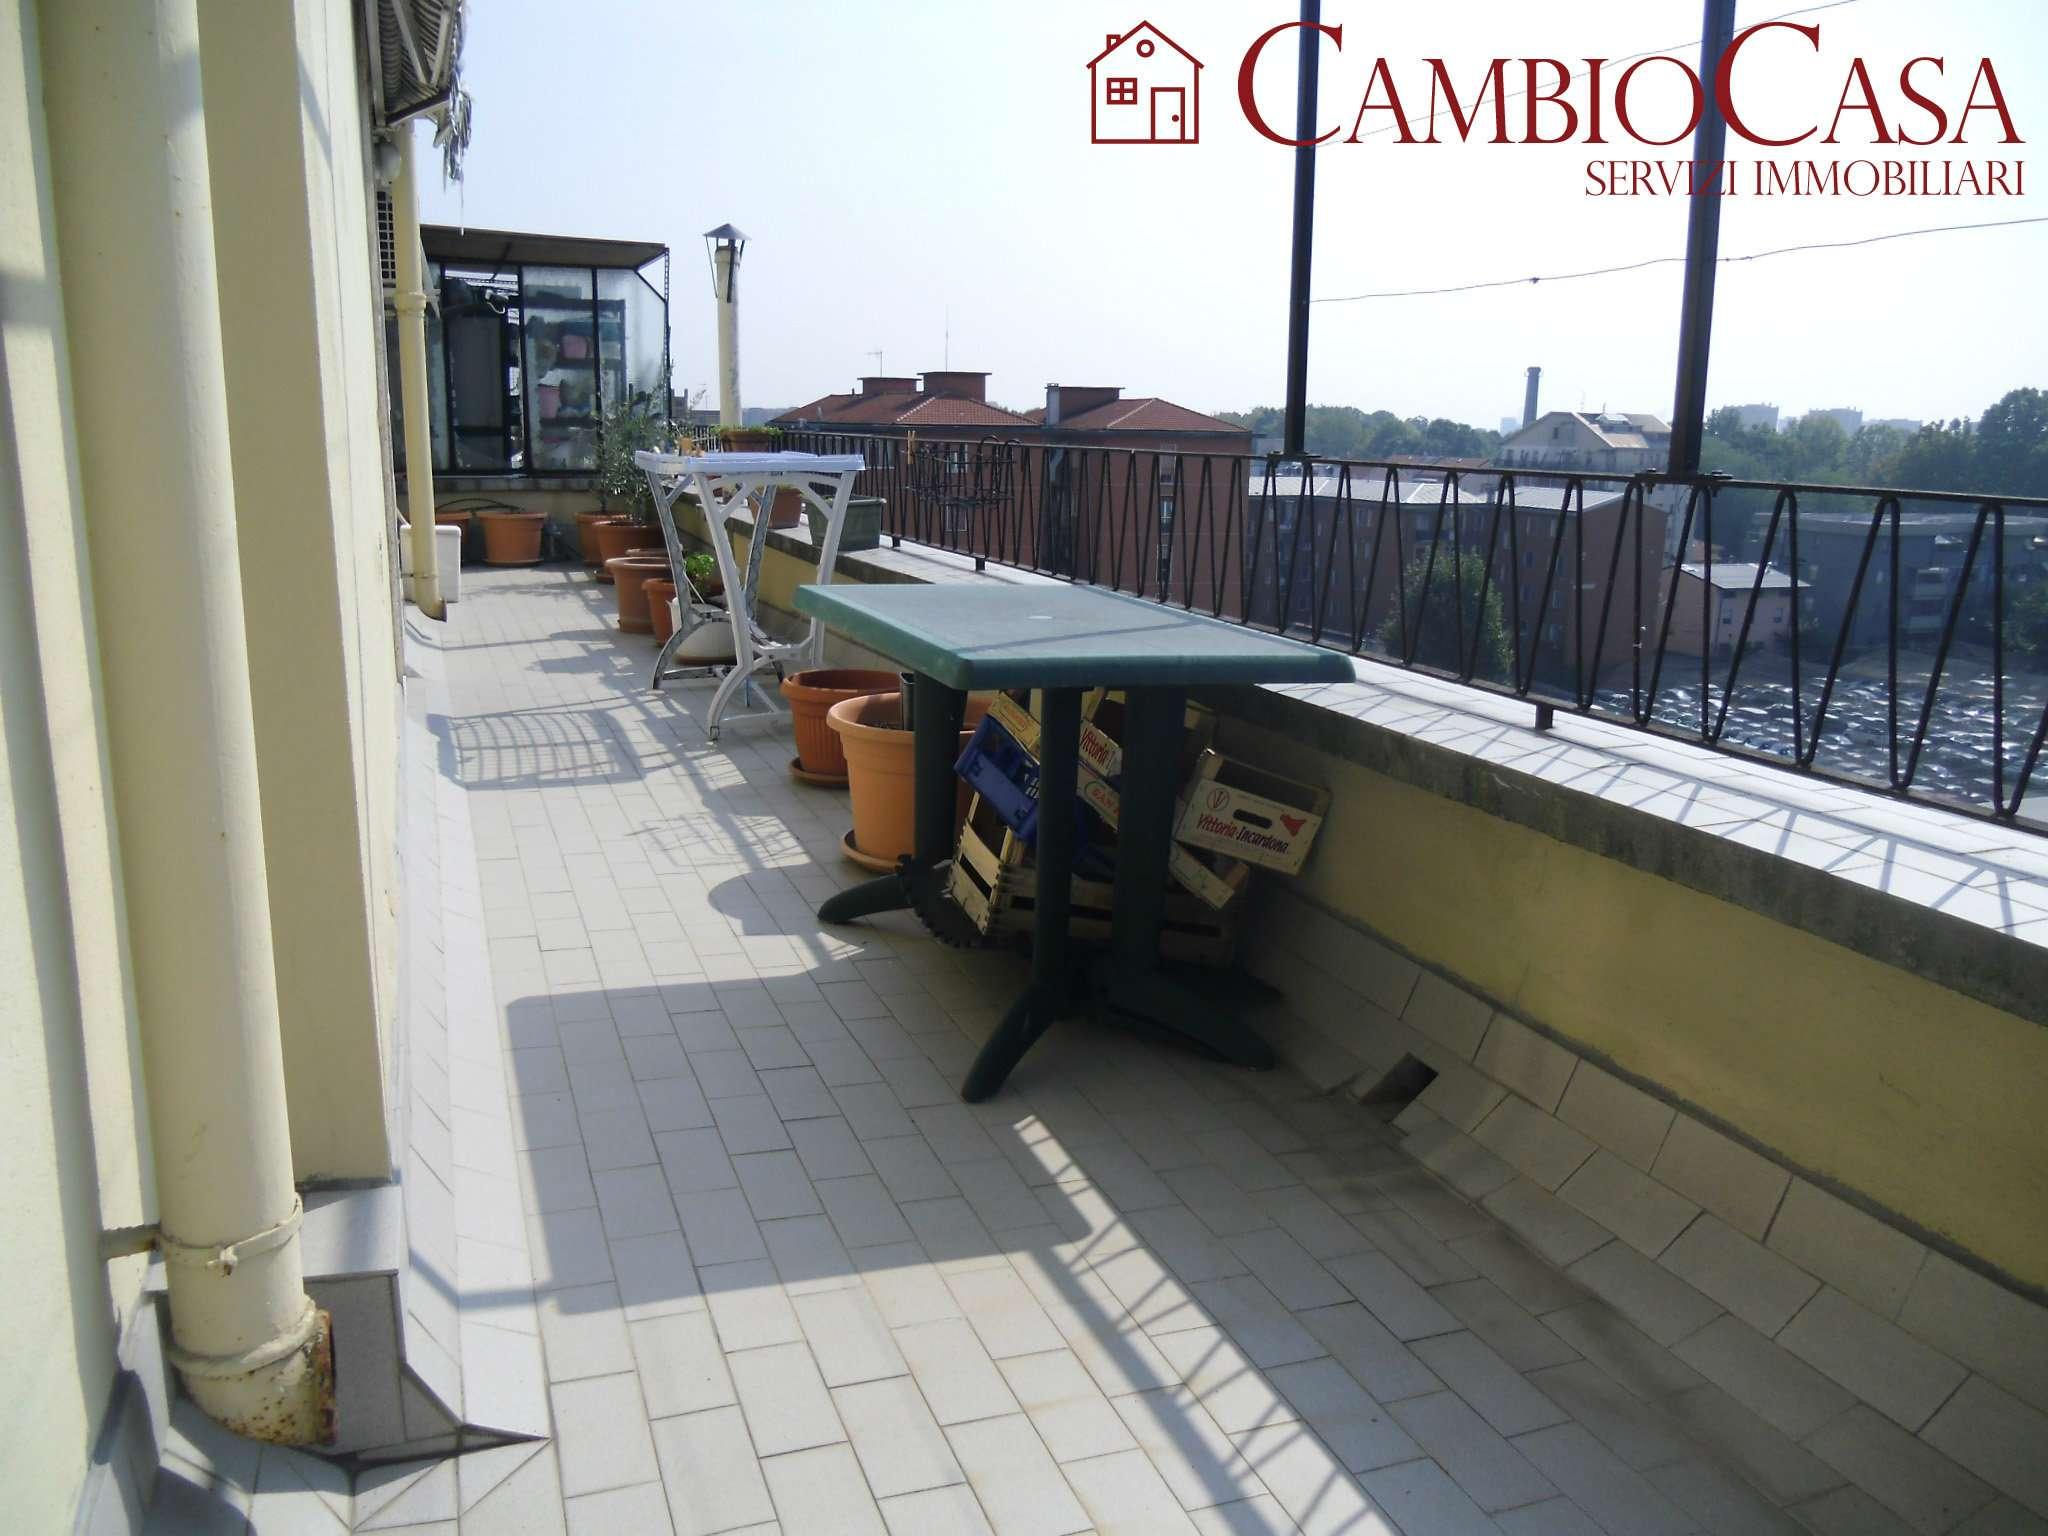 Attico / Mansarda in vendita a Baranzate, 3 locali, prezzo € 108.000 | CambioCasa.it